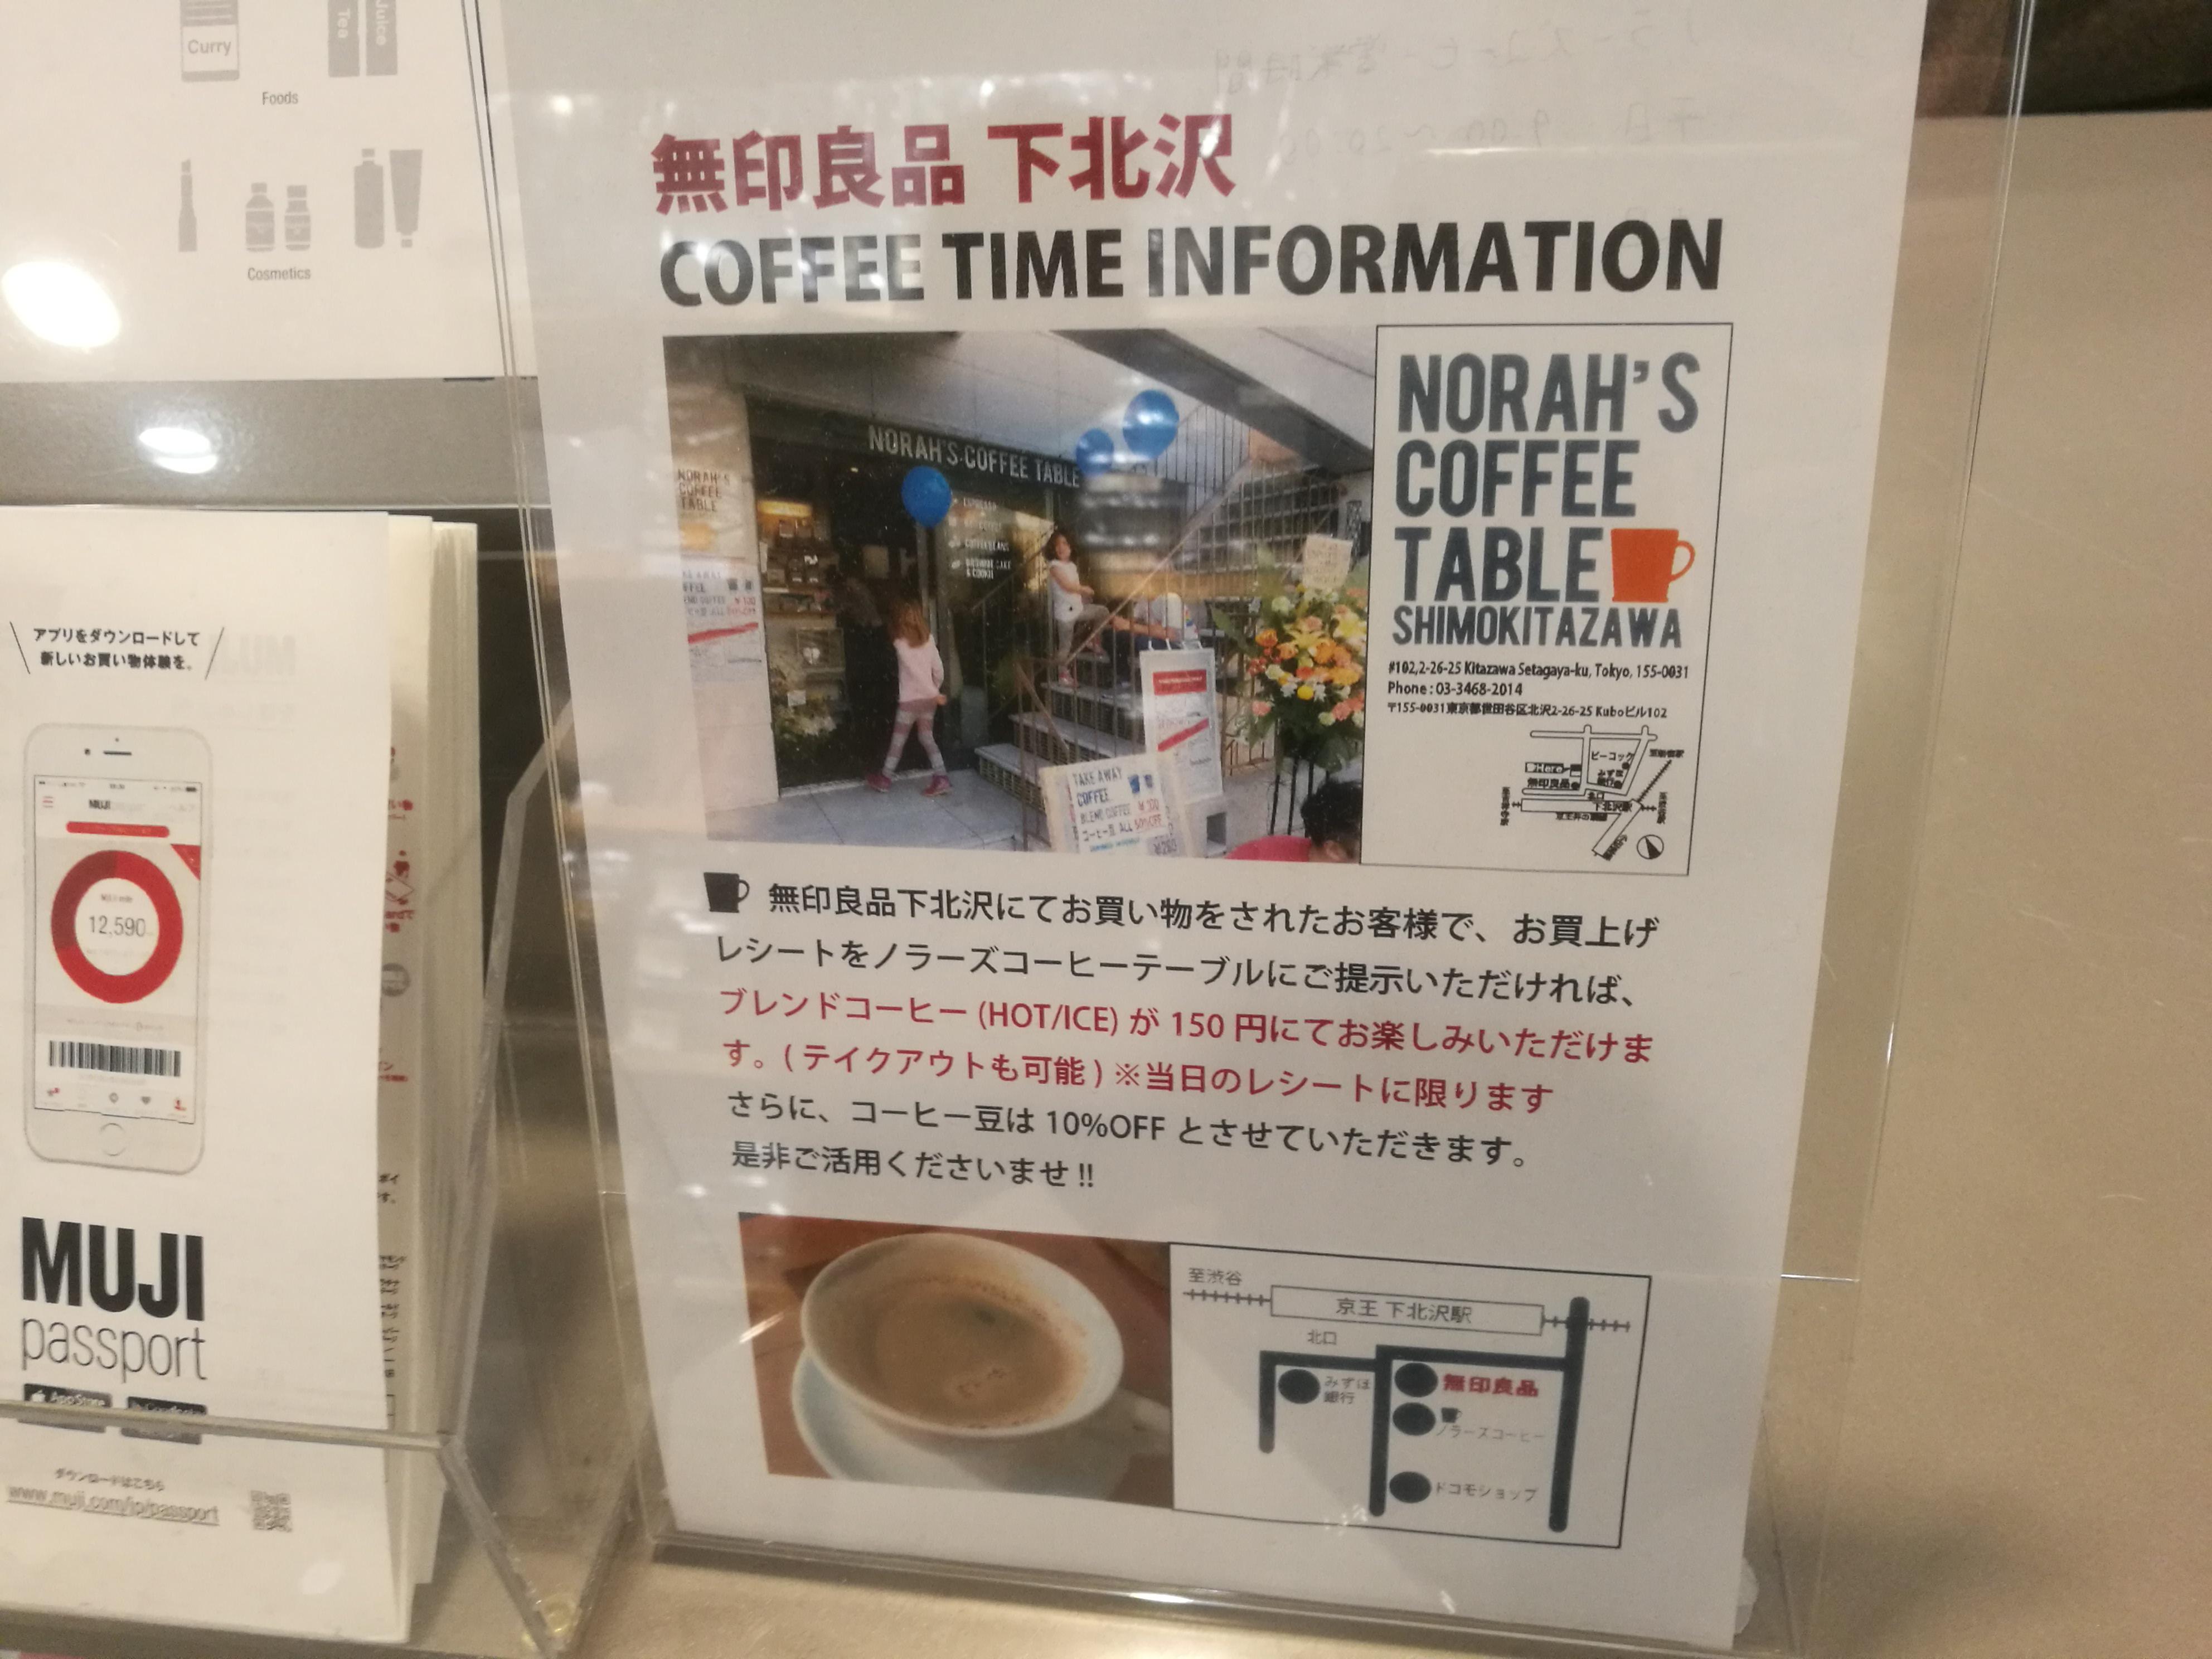 ショッピングの後のコーヒーブレイクには持ってこいのサービスですよね。無印でお買い物の予定がある際には、活用してみるといいのではないでしょうか。